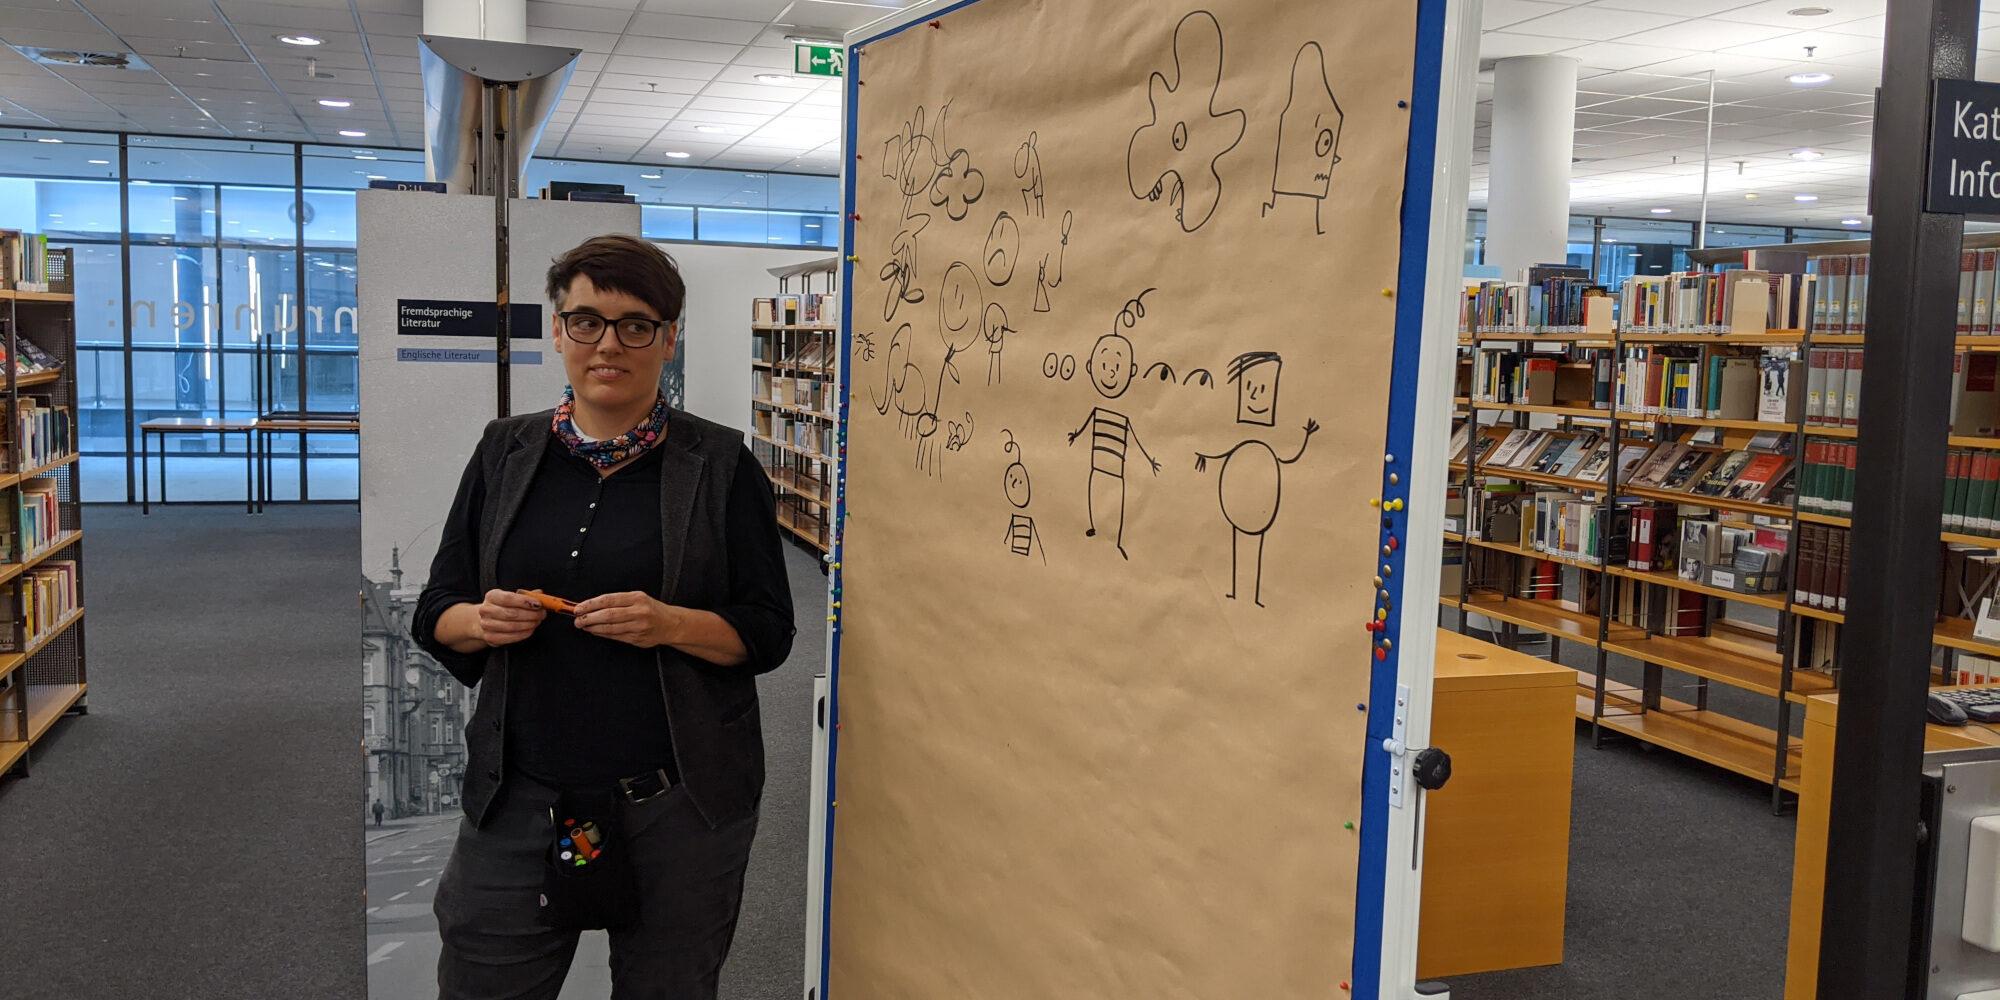 Ka Schmitz leitet den Comic Workshop. Sie steht vor einem großen Metaplanwand mit Zeichnungen.